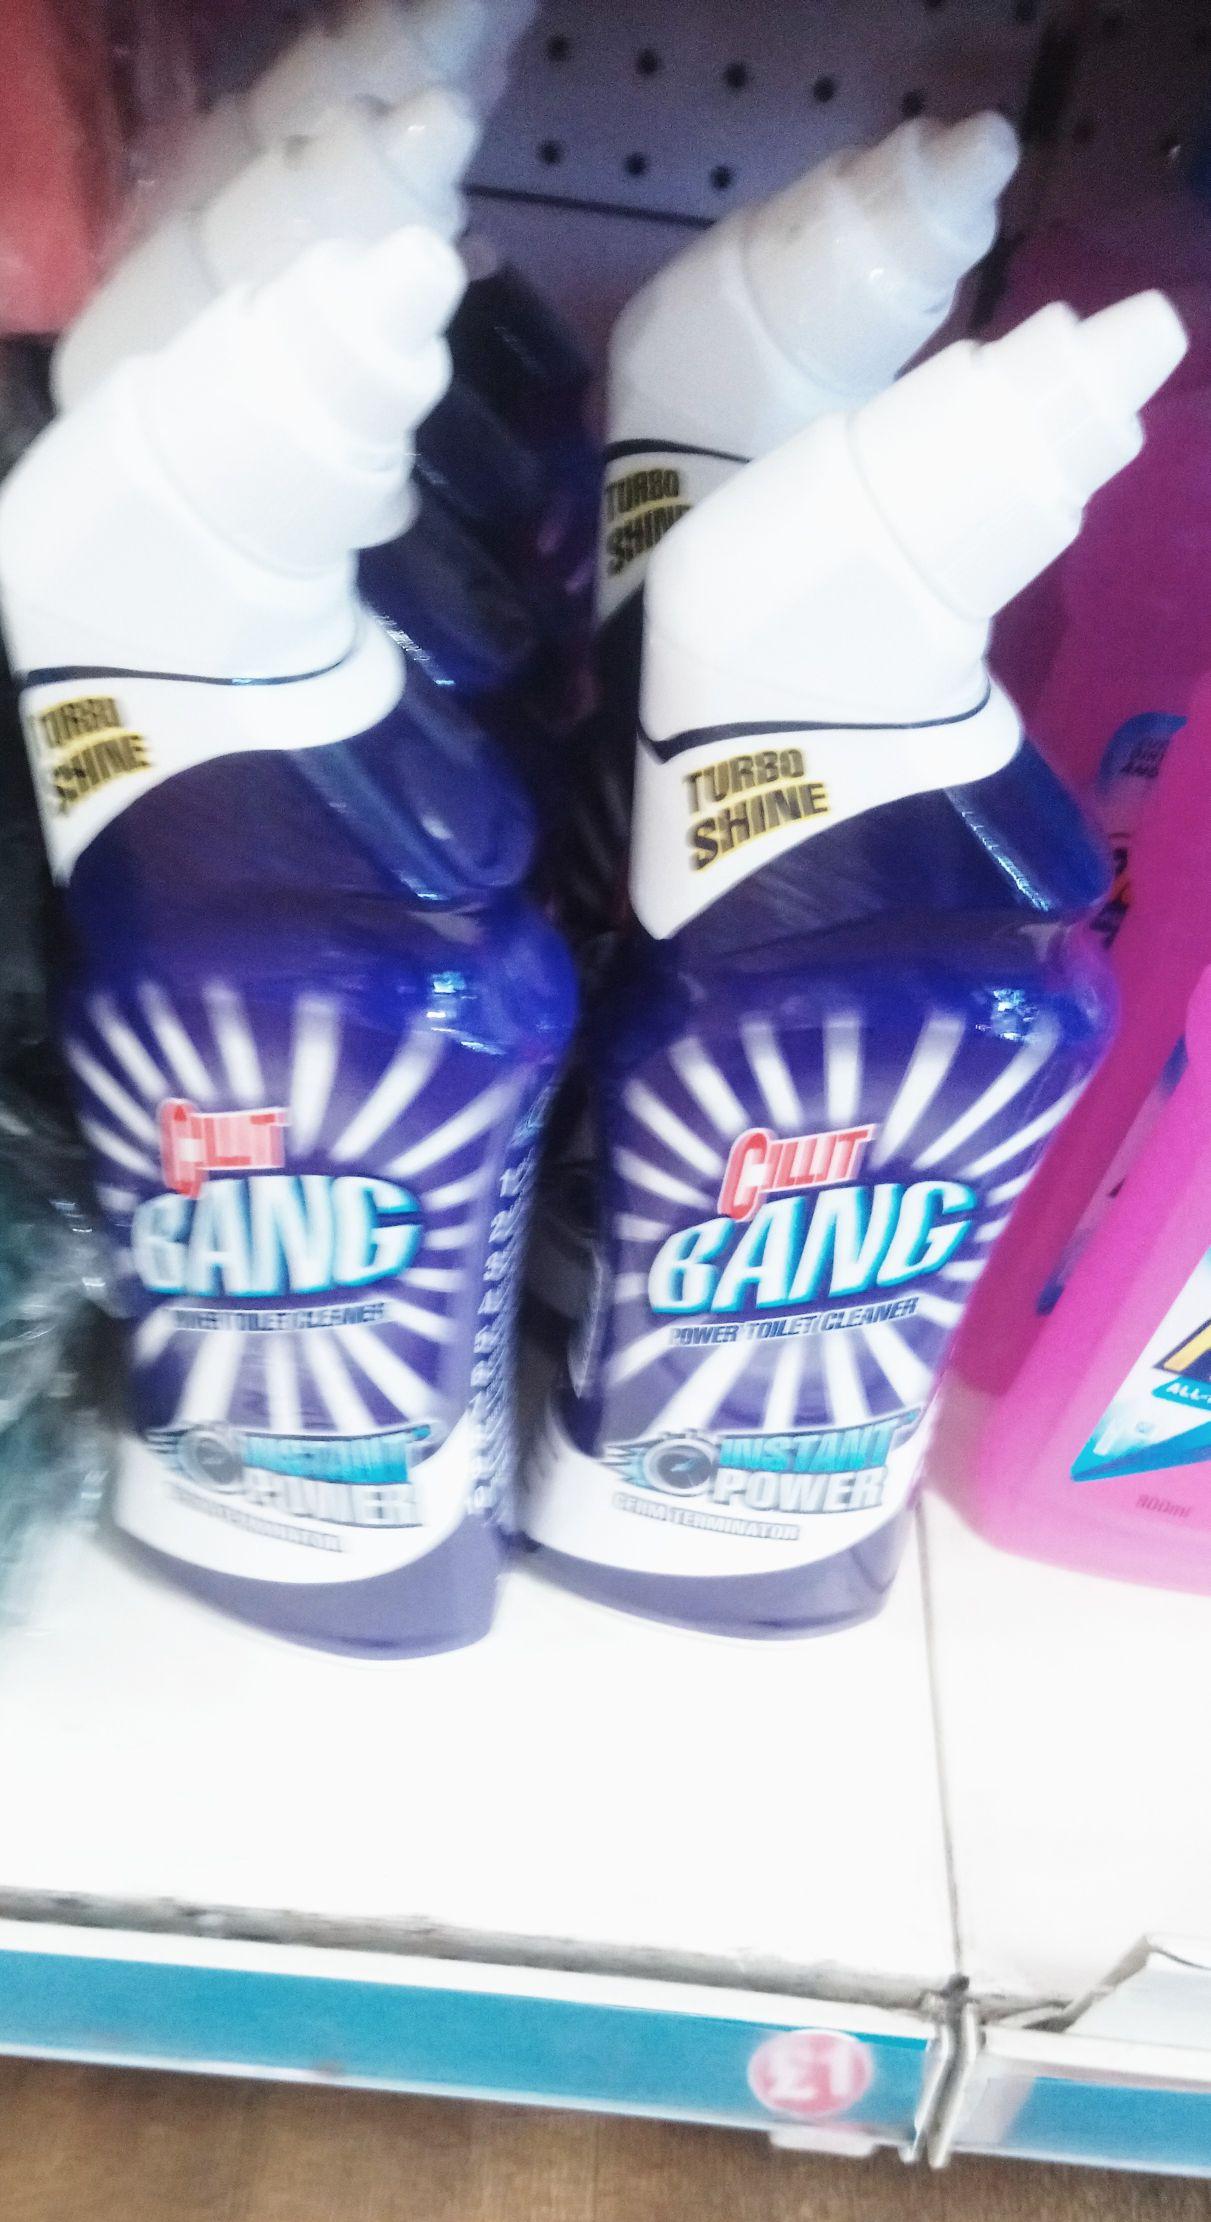 Poundland: Cilit Bang large bottle 750ml (Instant Power) £1